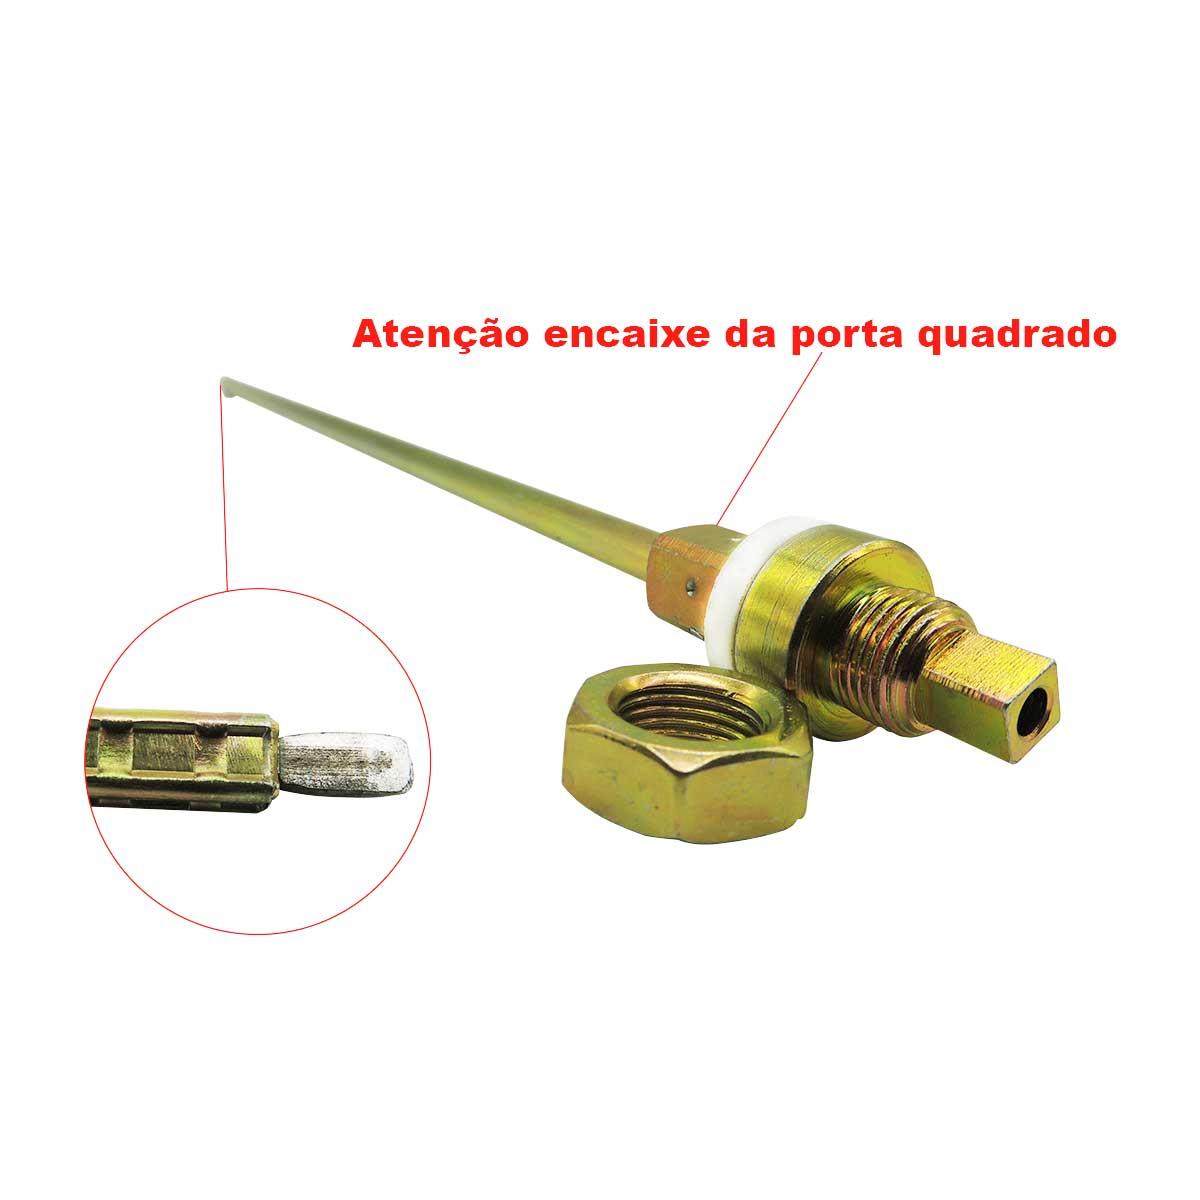 BARRA DE TORCAO GRBA 120 007548.01